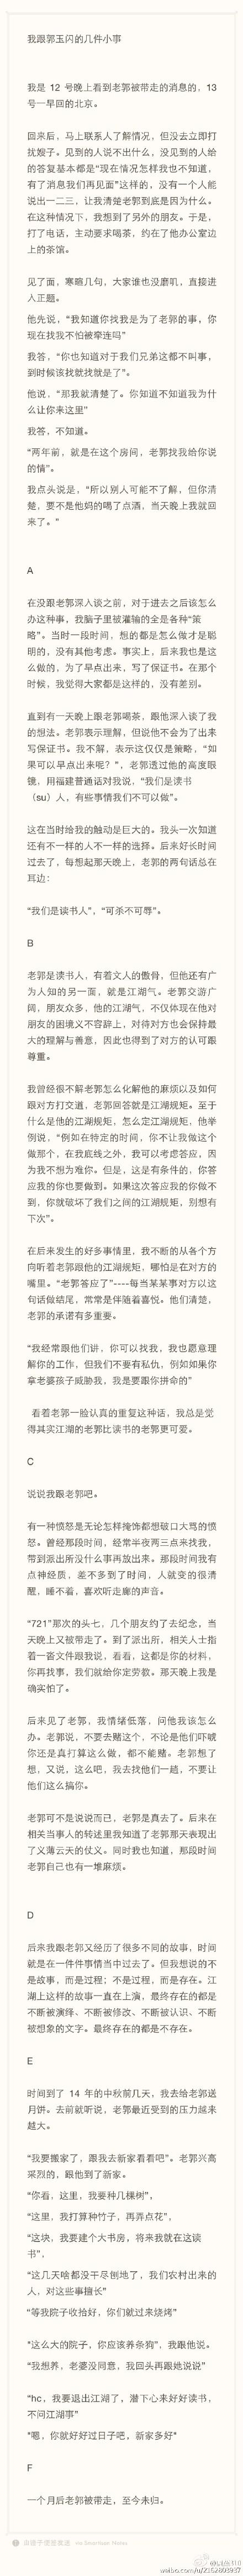 zhou yan-guo yushan